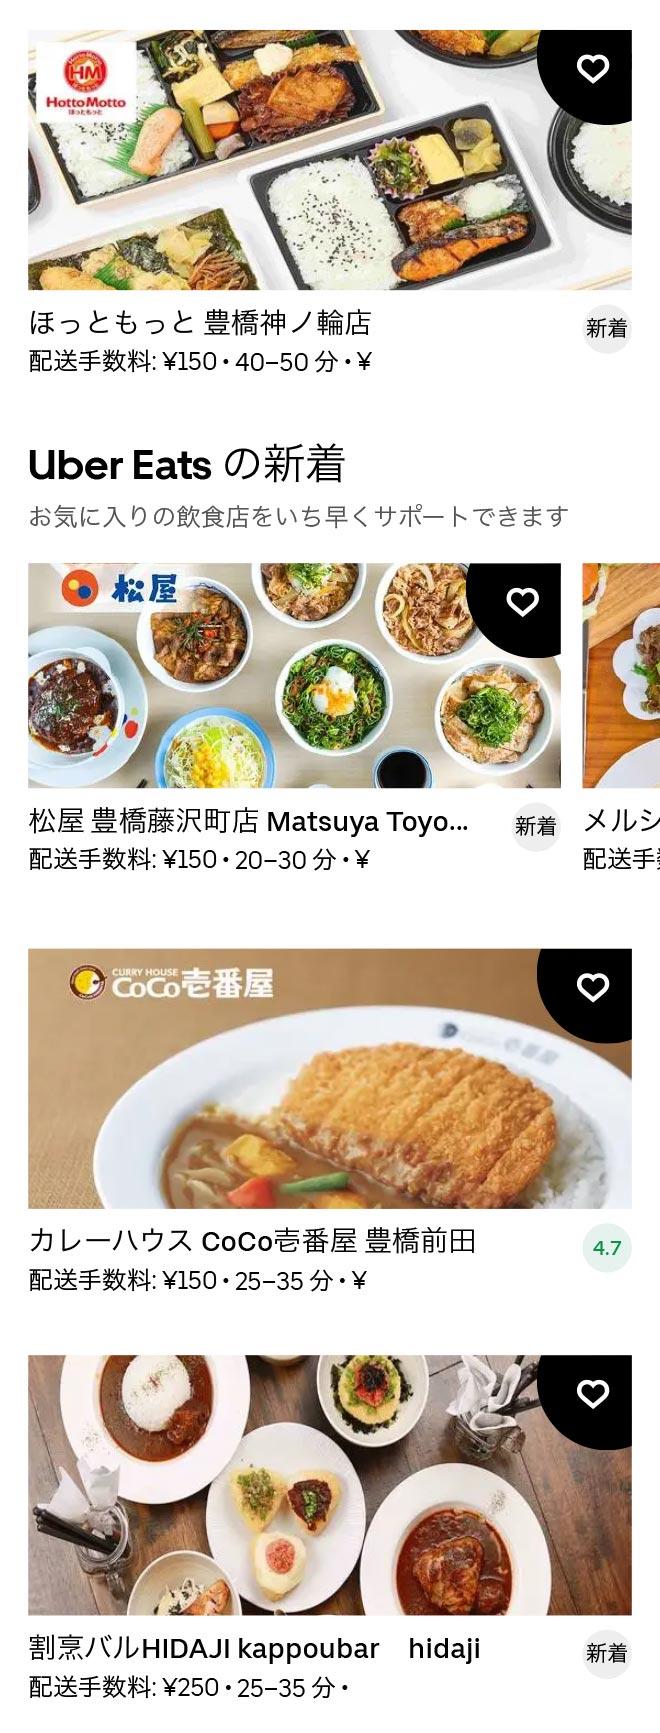 Aichi daigaku menu 2012 02